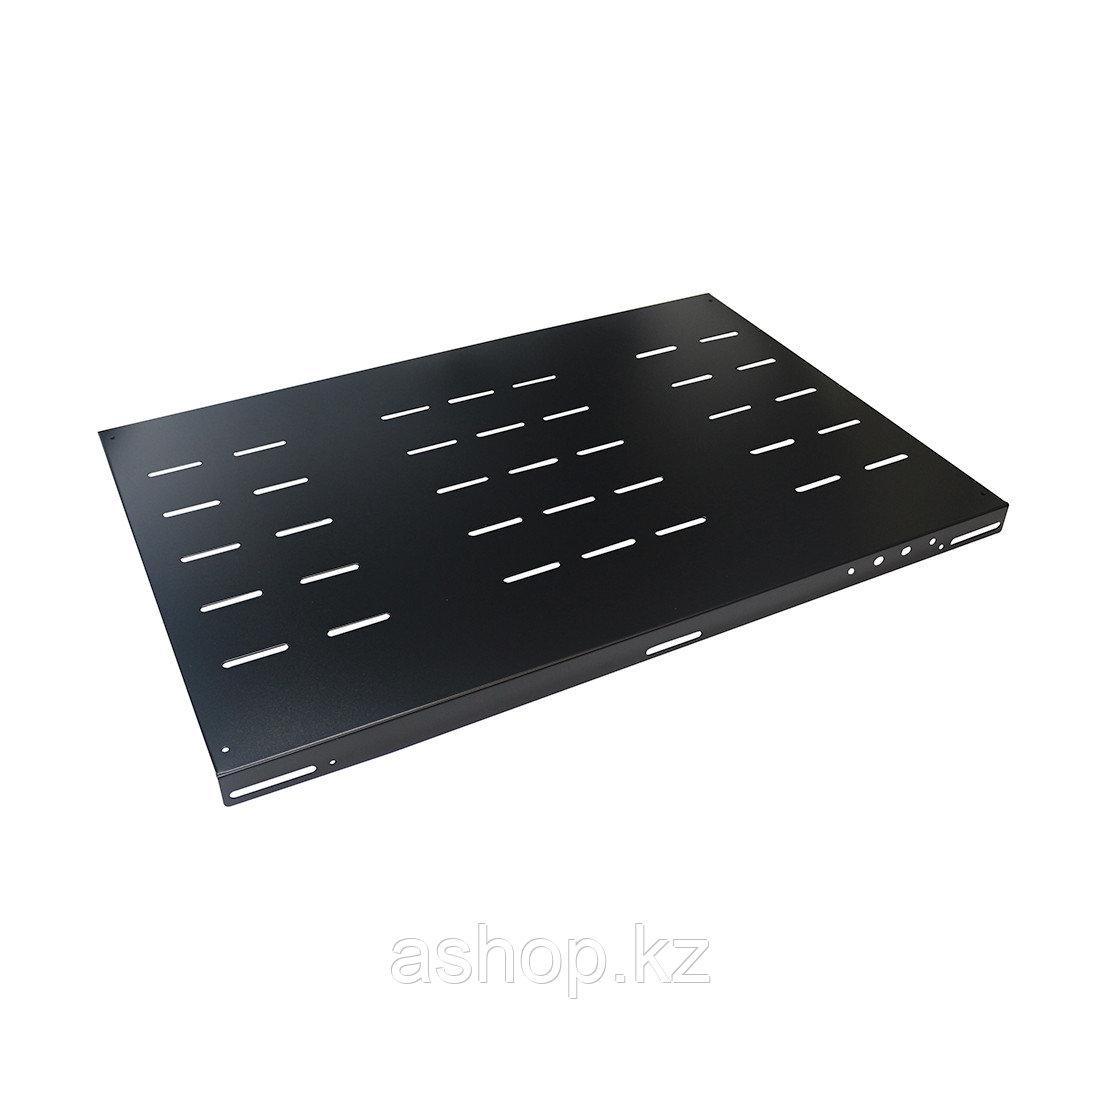 Полка одностороннего крепления для шкафов SHIP VE700110100, Цвет: Чёрный